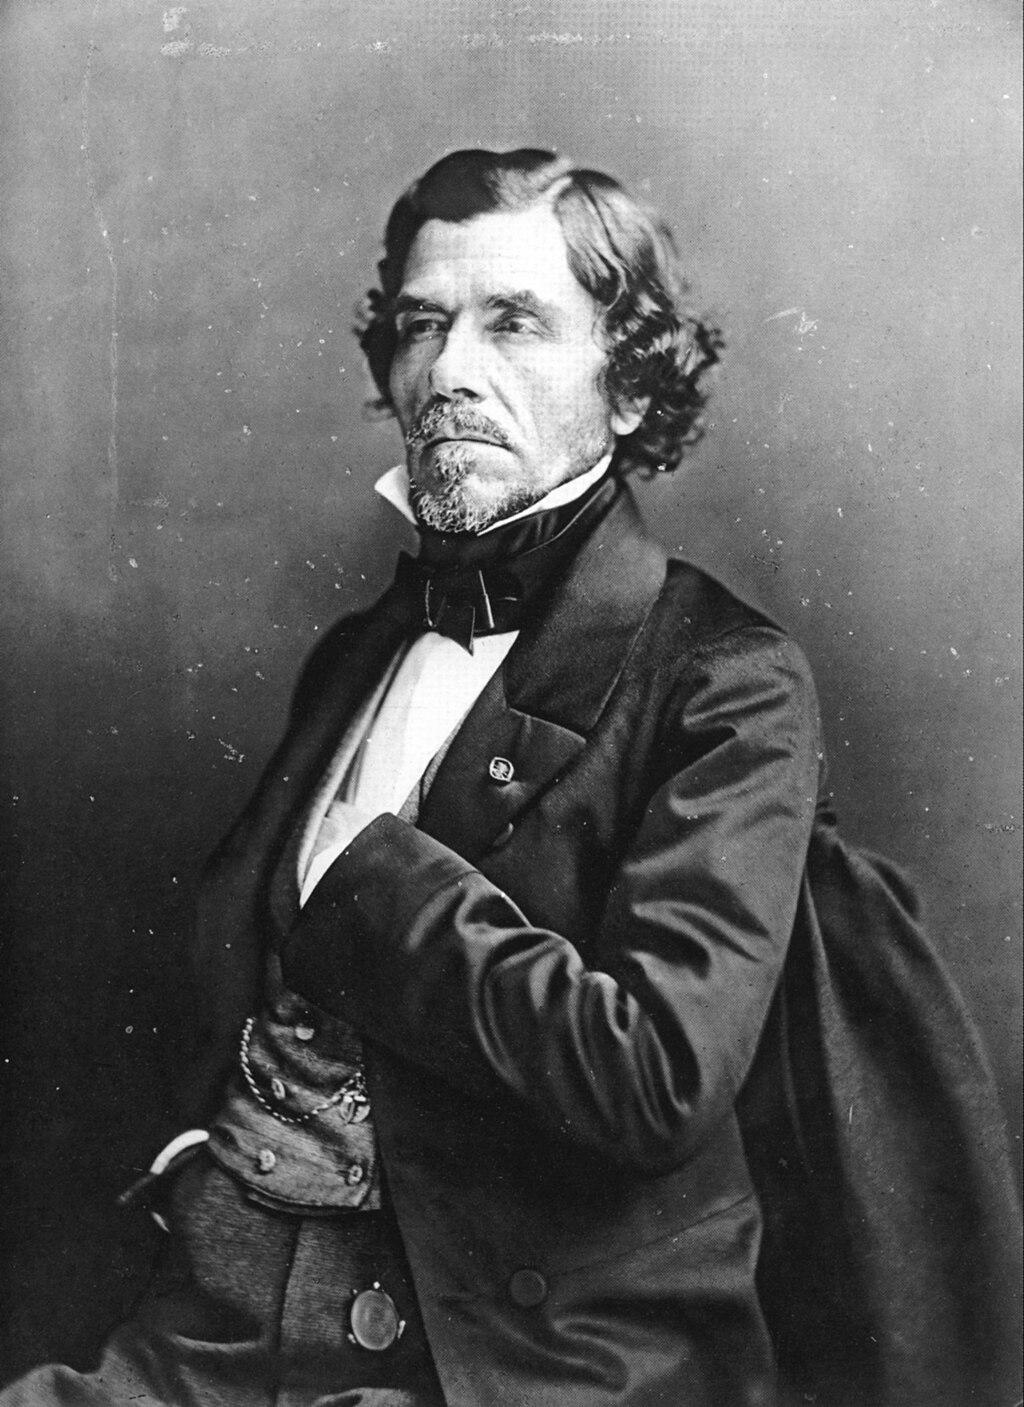 ウジェーヌ・ドラクロワ(Eugène Delacroix)Wikipediaより